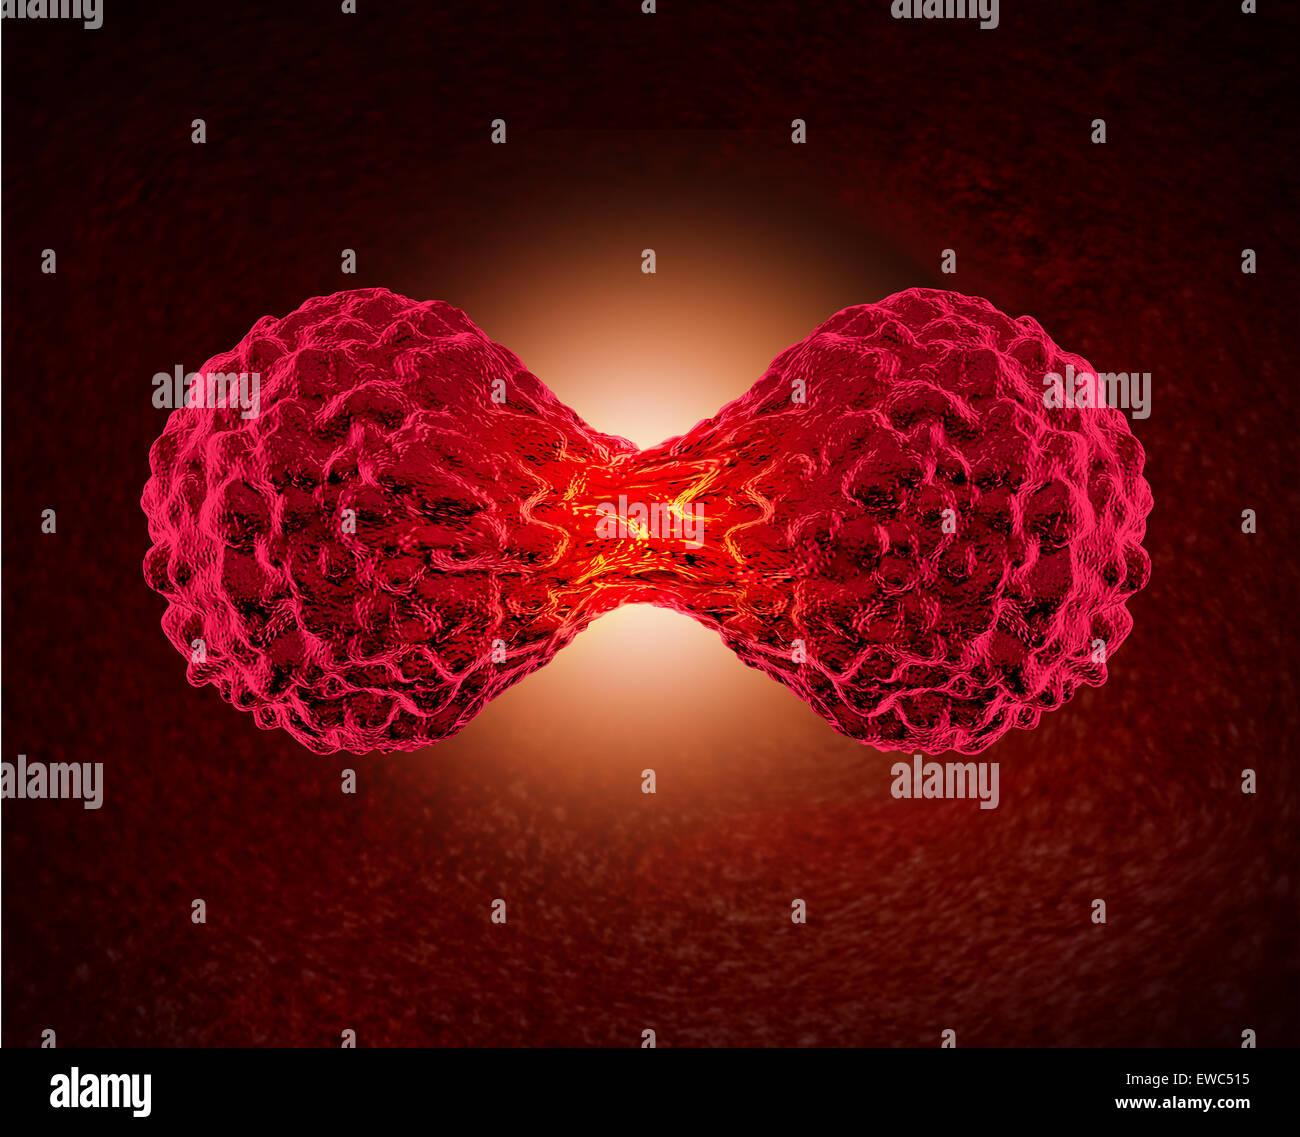 Cancer cell division concept comme un cycle cellulaire microscopique de la réplication ou de la division des cellules cancéreuses malignes dans le corps humain en tant que professionnel de la santé et de l'oncologie médicale dangereuse pour symbole la croissance tumorale. Banque D'Images